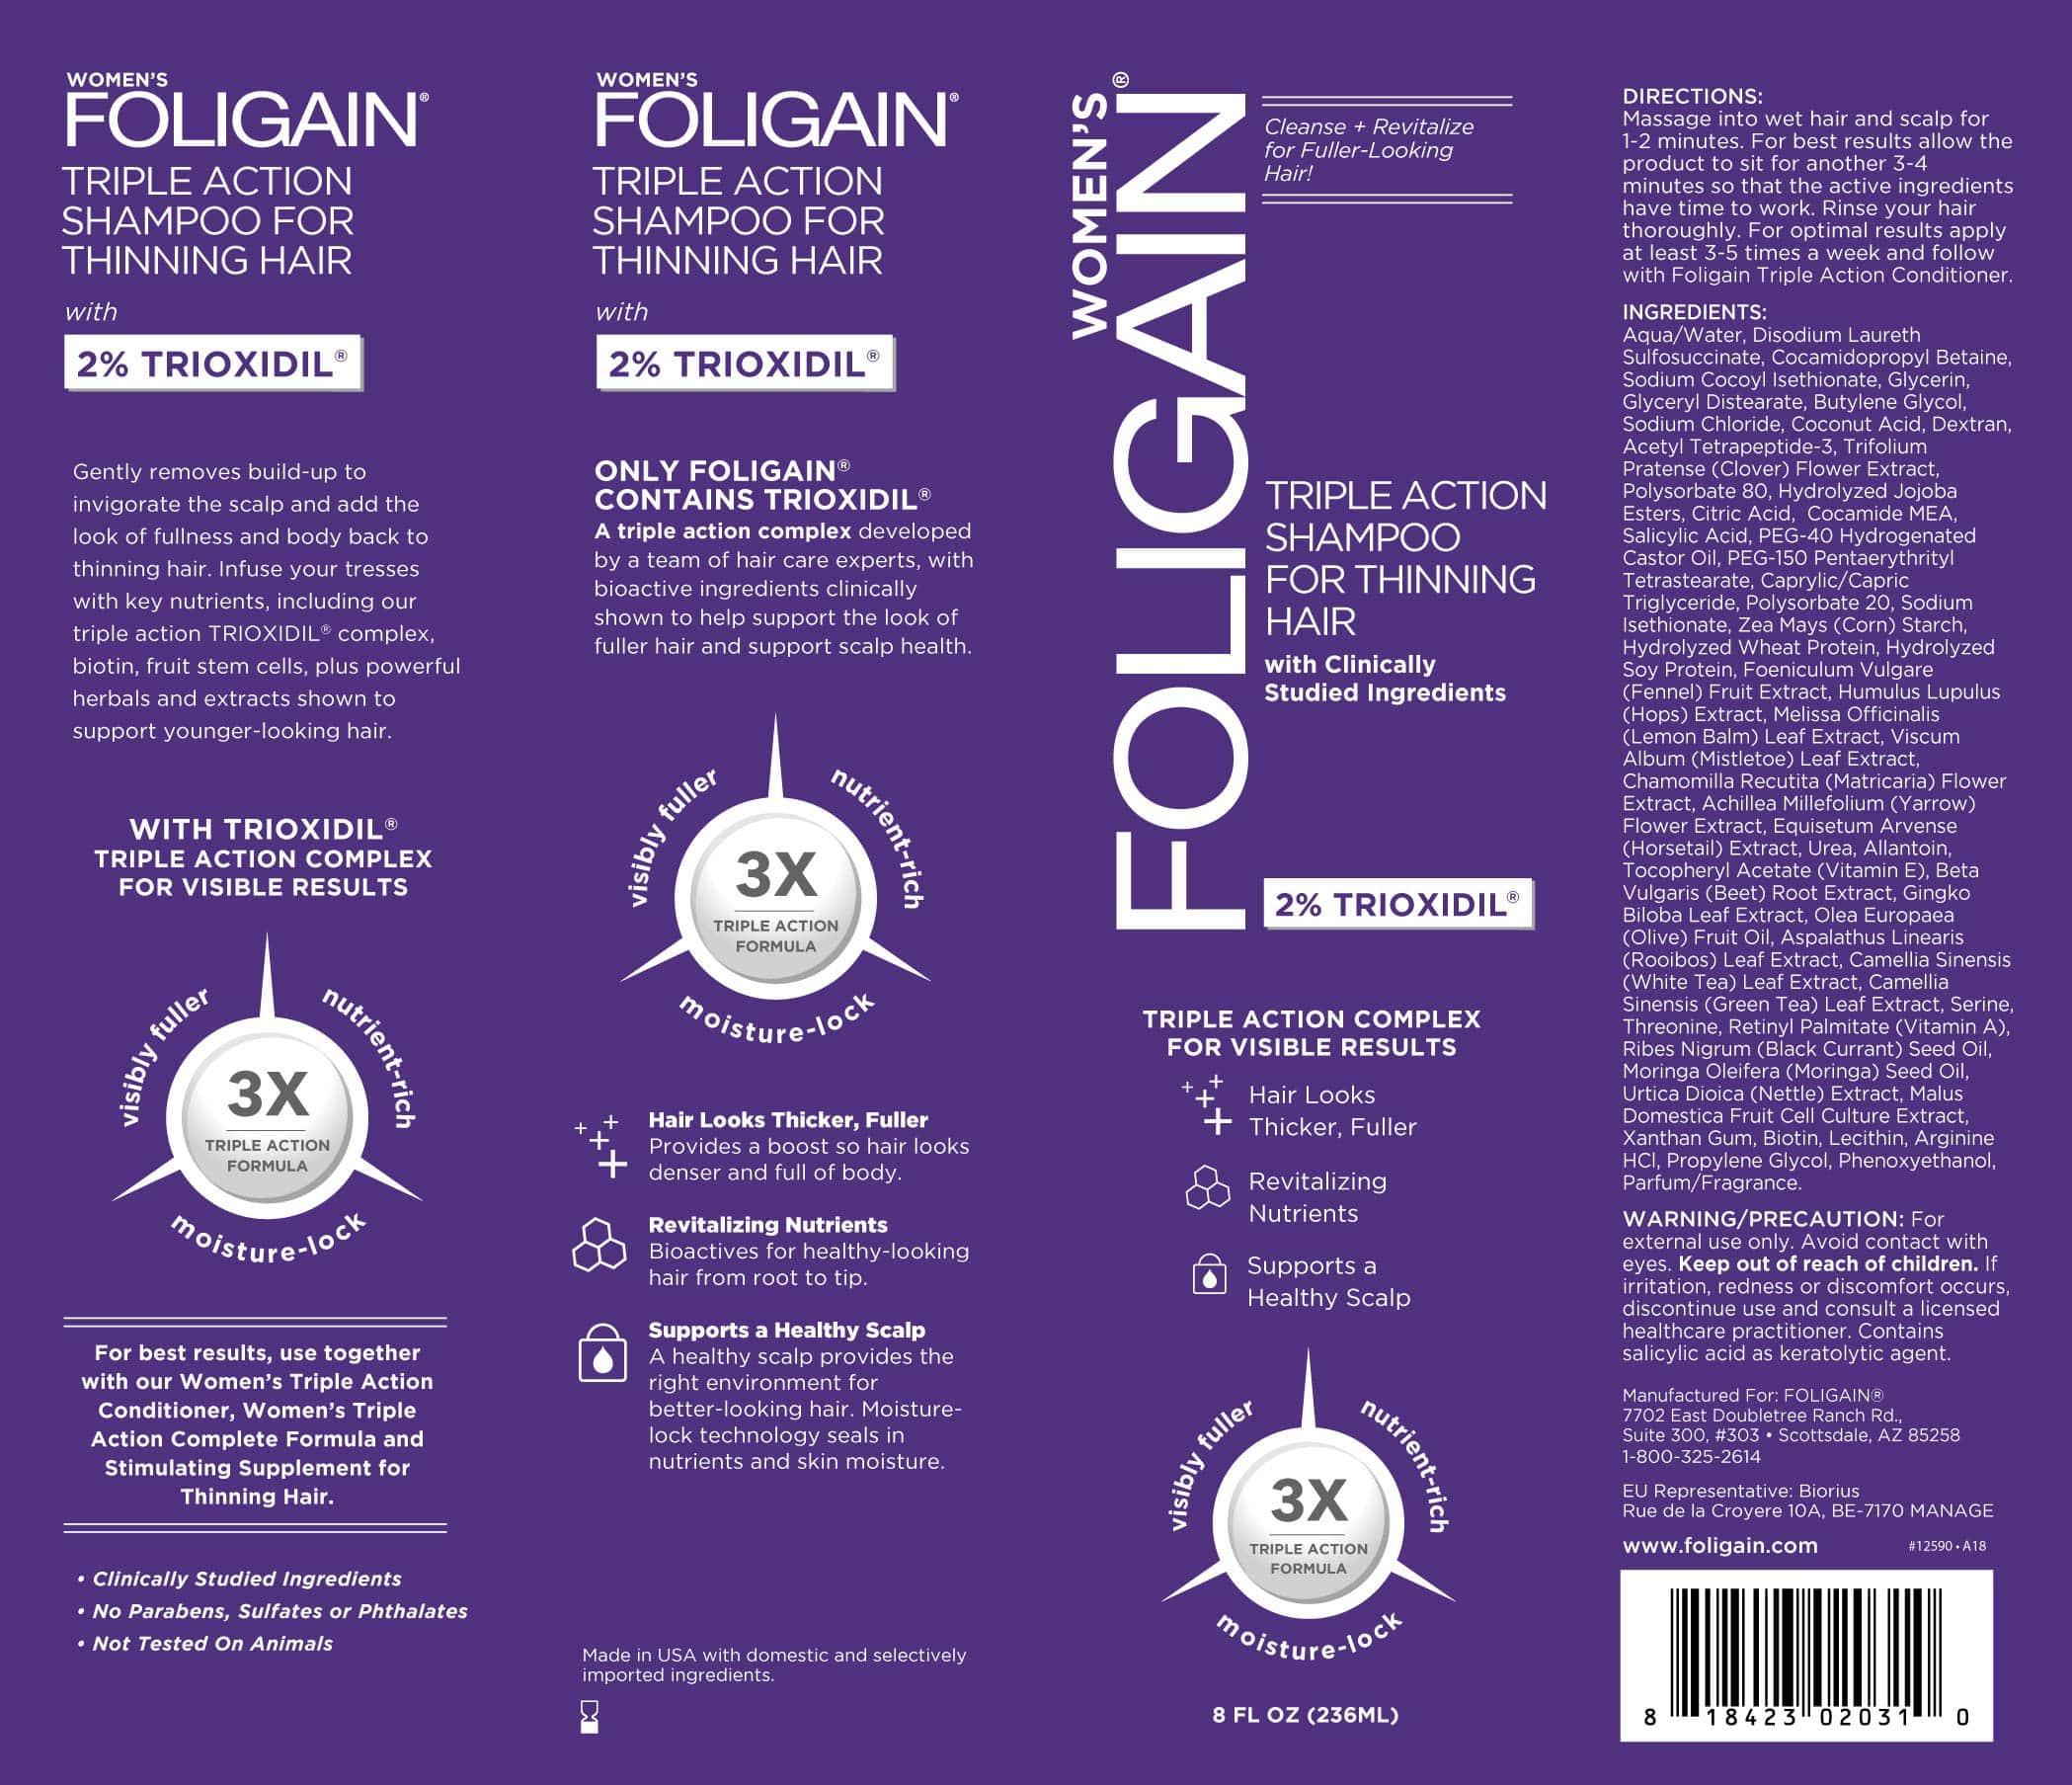 Šampón proti padaniu vlasov pre ženy Foligain - obal